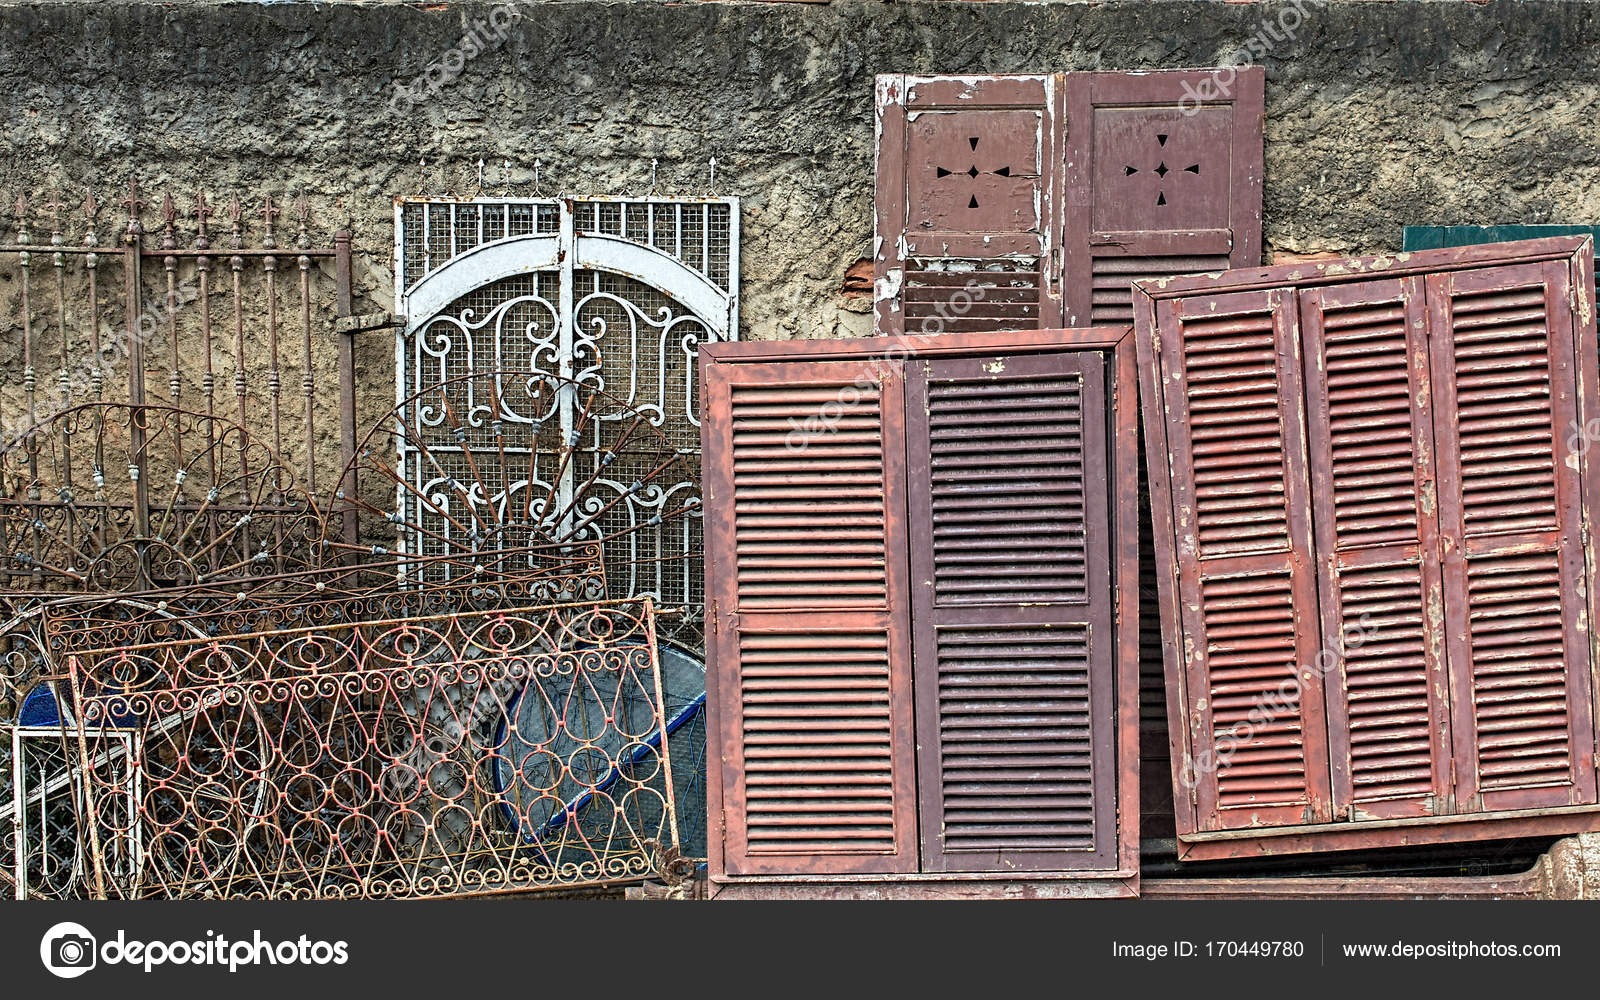 Cornici vecchie porte e finestre foto stock for Porte finestre usate